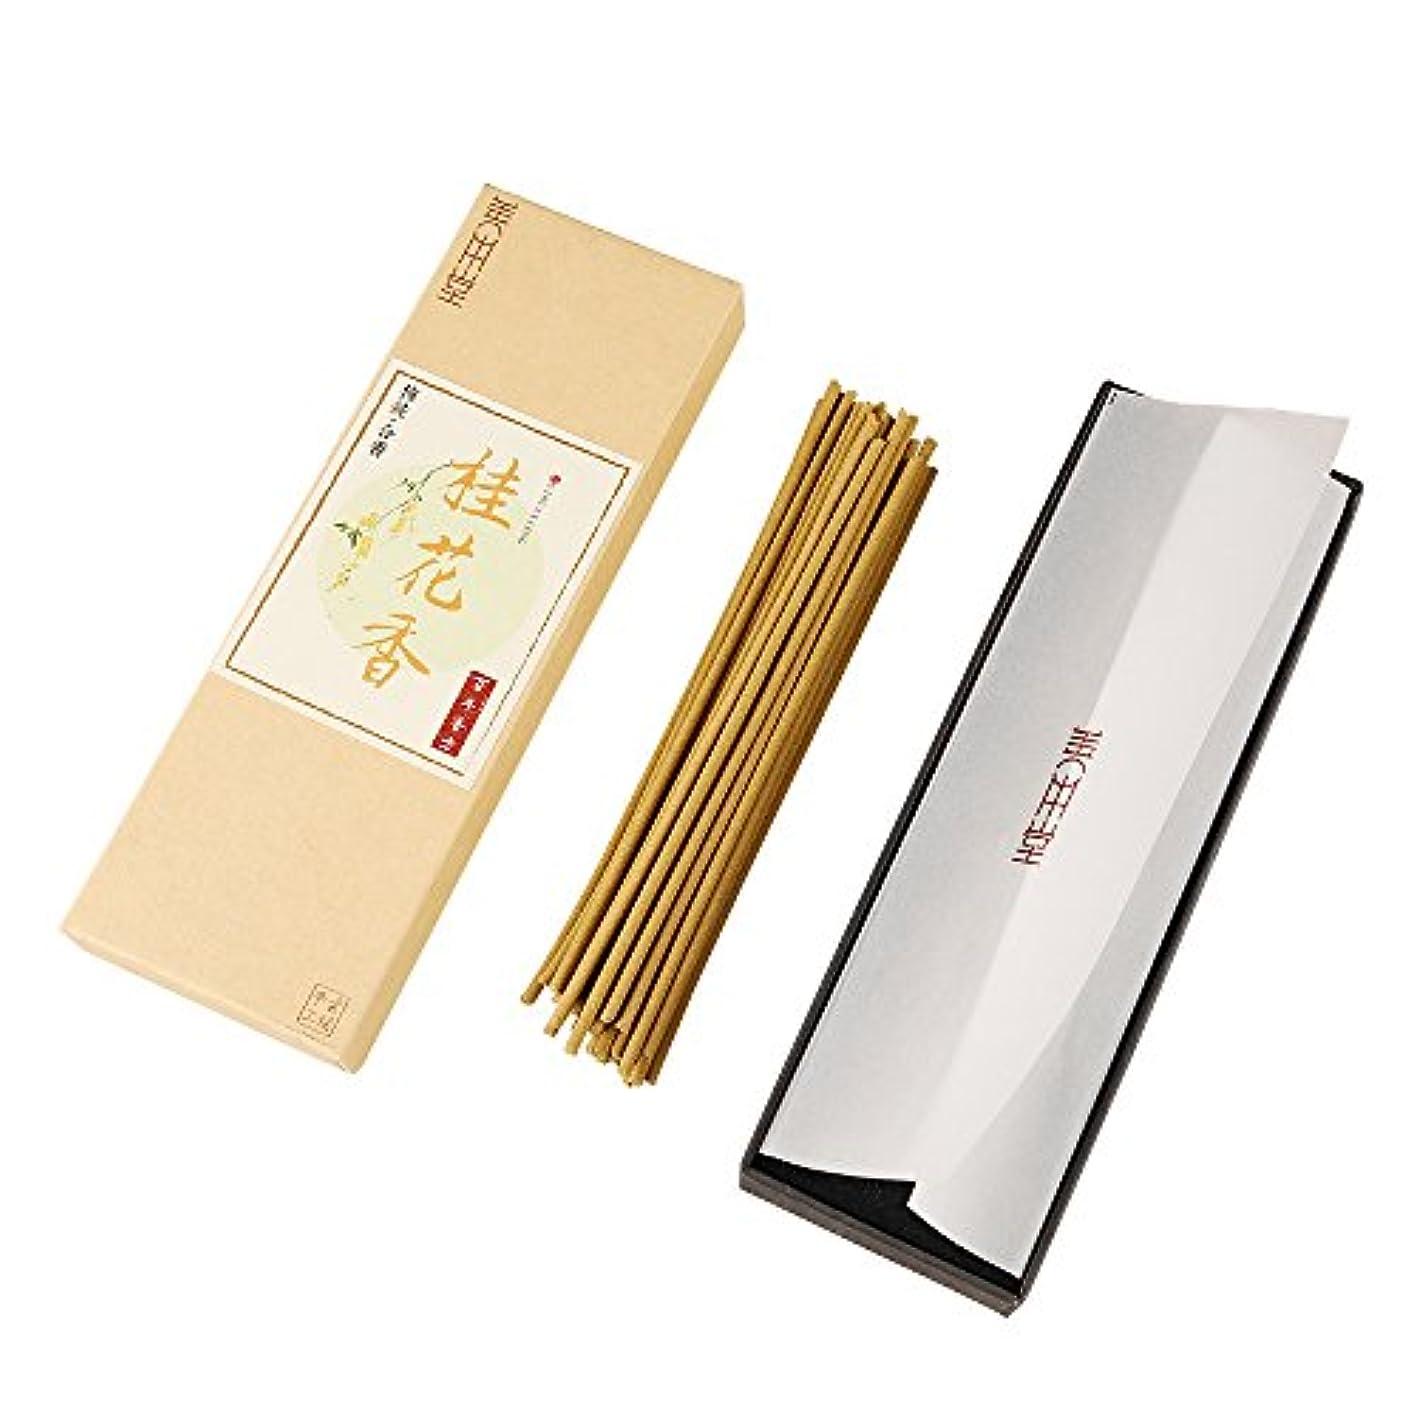 脅威柔和飼料shanbentang Incense Sticks、純粋な自然手作りお香、sweet-scented Osmanthus 's Fragrance、プレミアム品質(5.5 in/50 sticks)